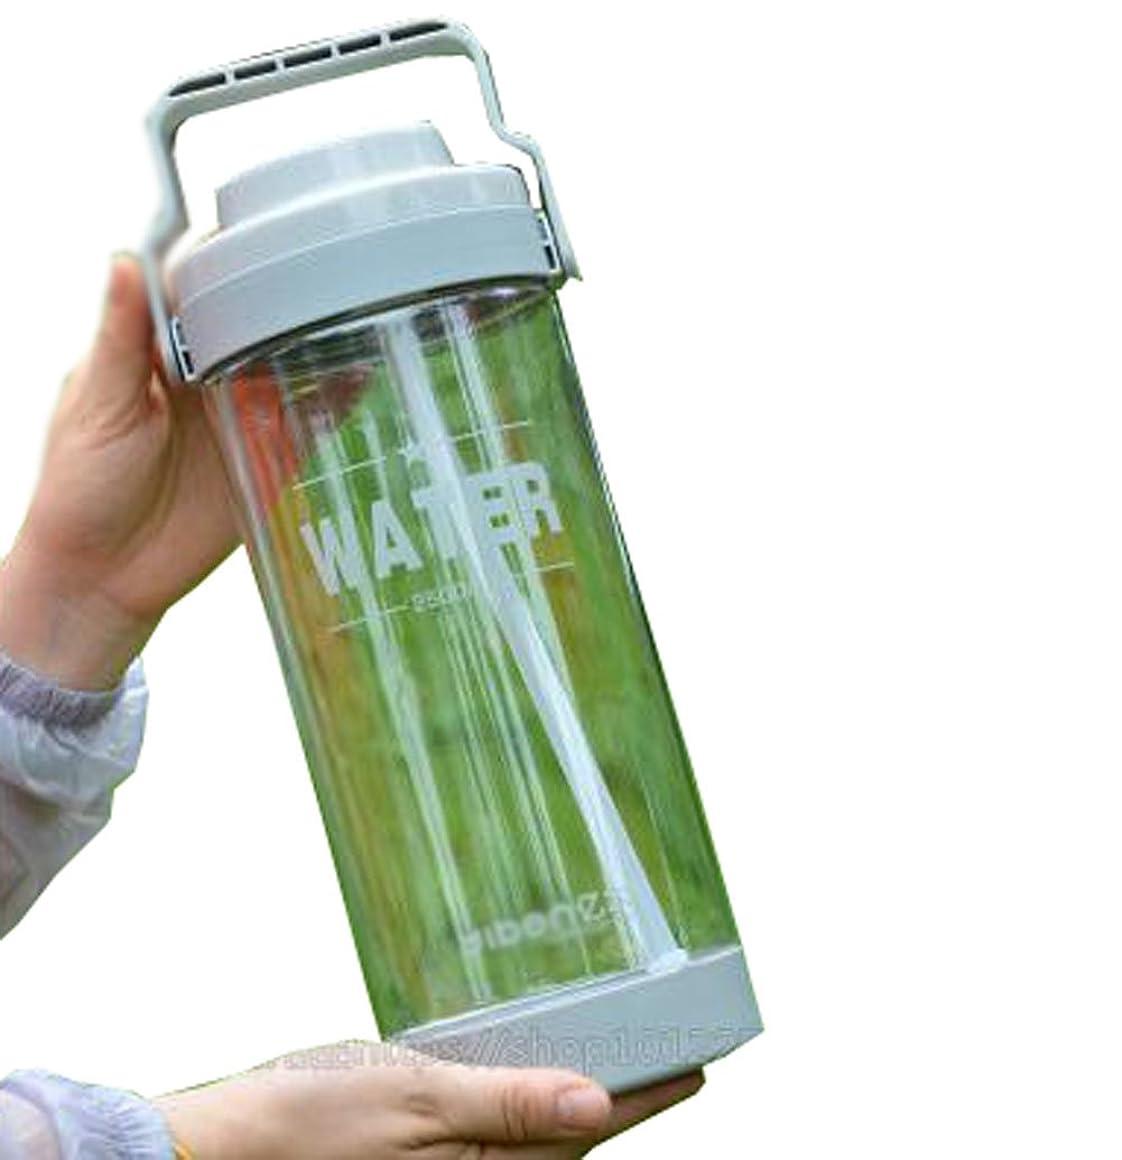 アカデミー冷ややかな突破口(グードコ) アウトドアボトル 水筒 スポーツボトル 直飲み ウォーターボトル 水筒 男女兼用 大容量 2500ML 運動 水泳 登山